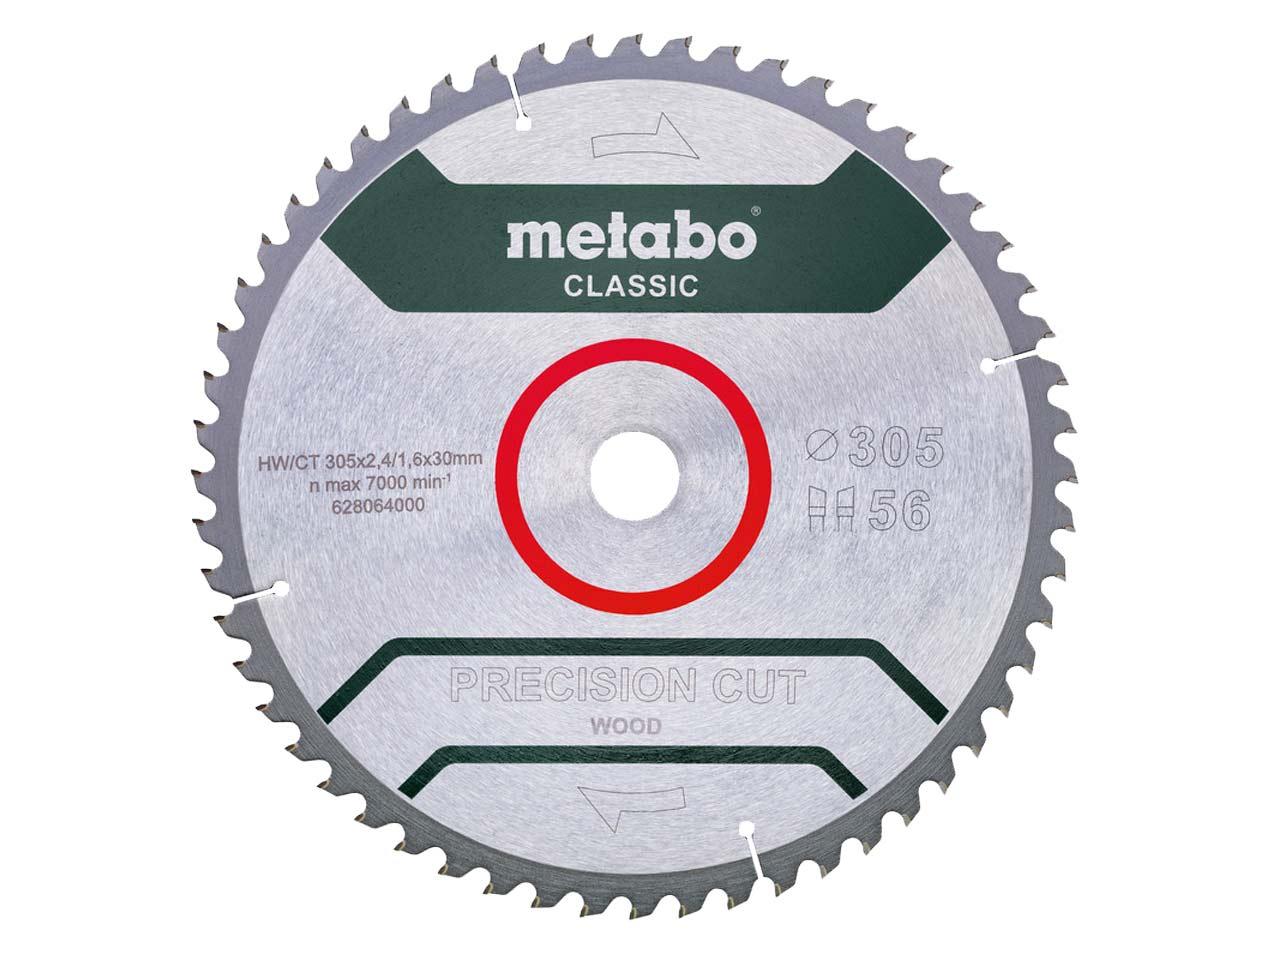 Metabo_628064000v2.jpg